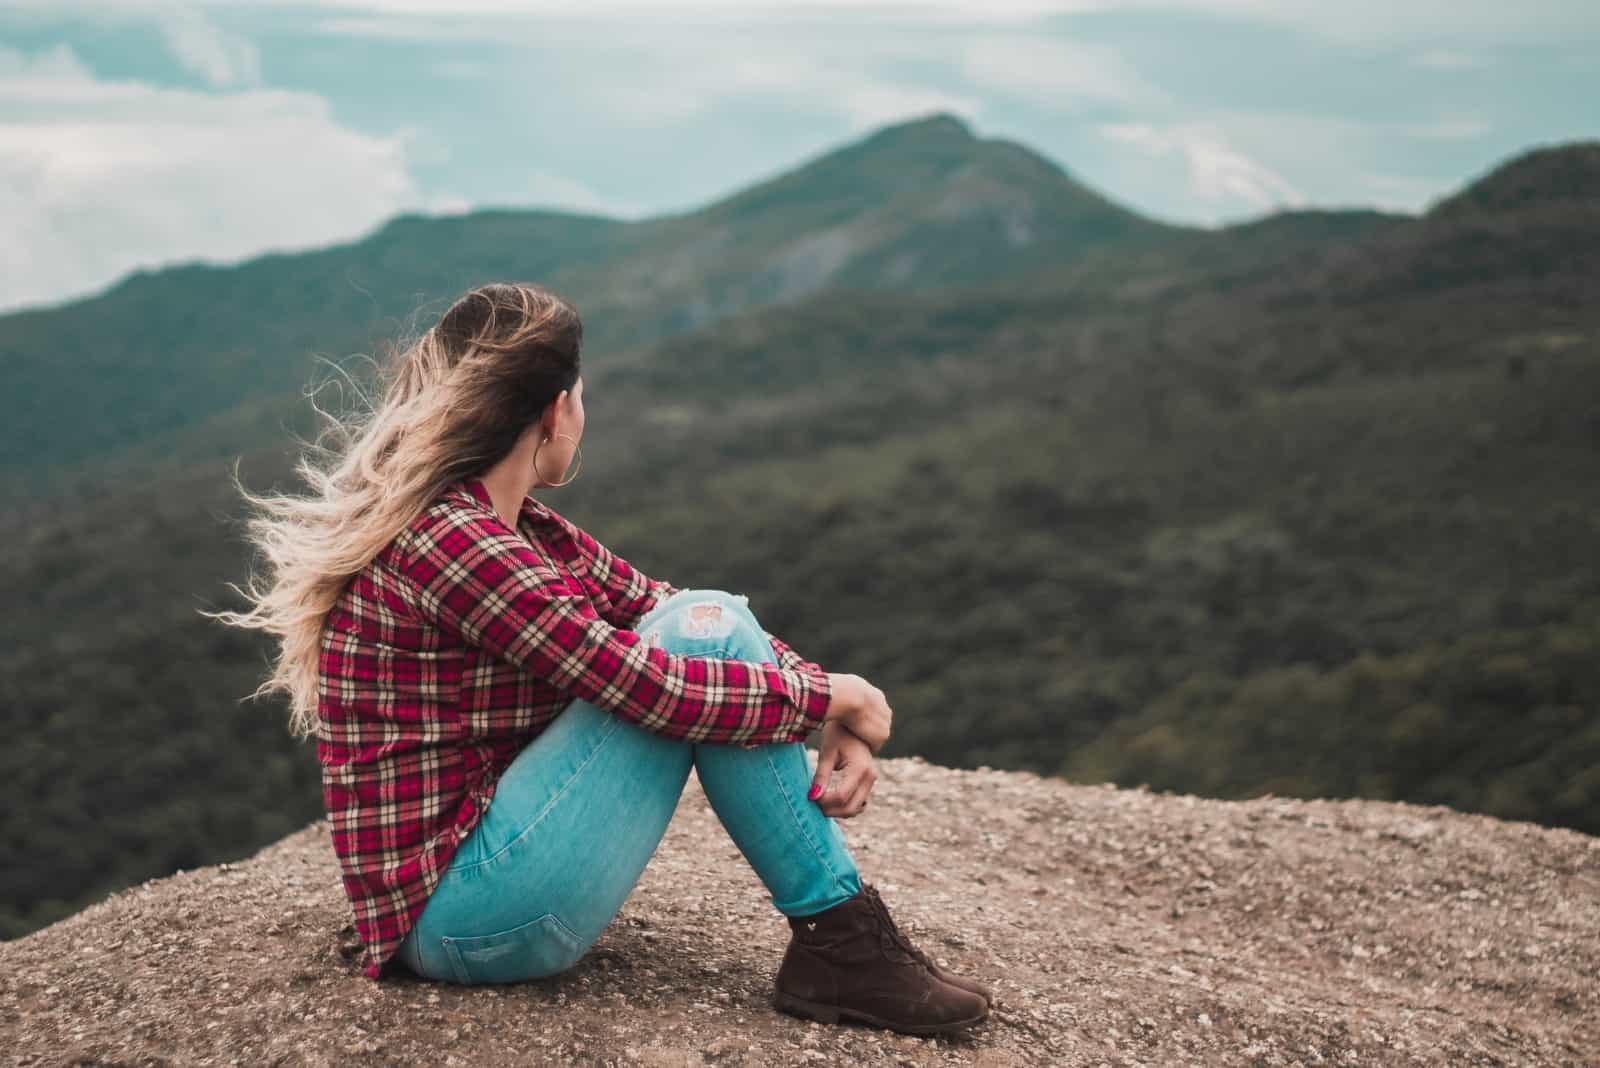 femme assise sur le sol en regardant la montagne